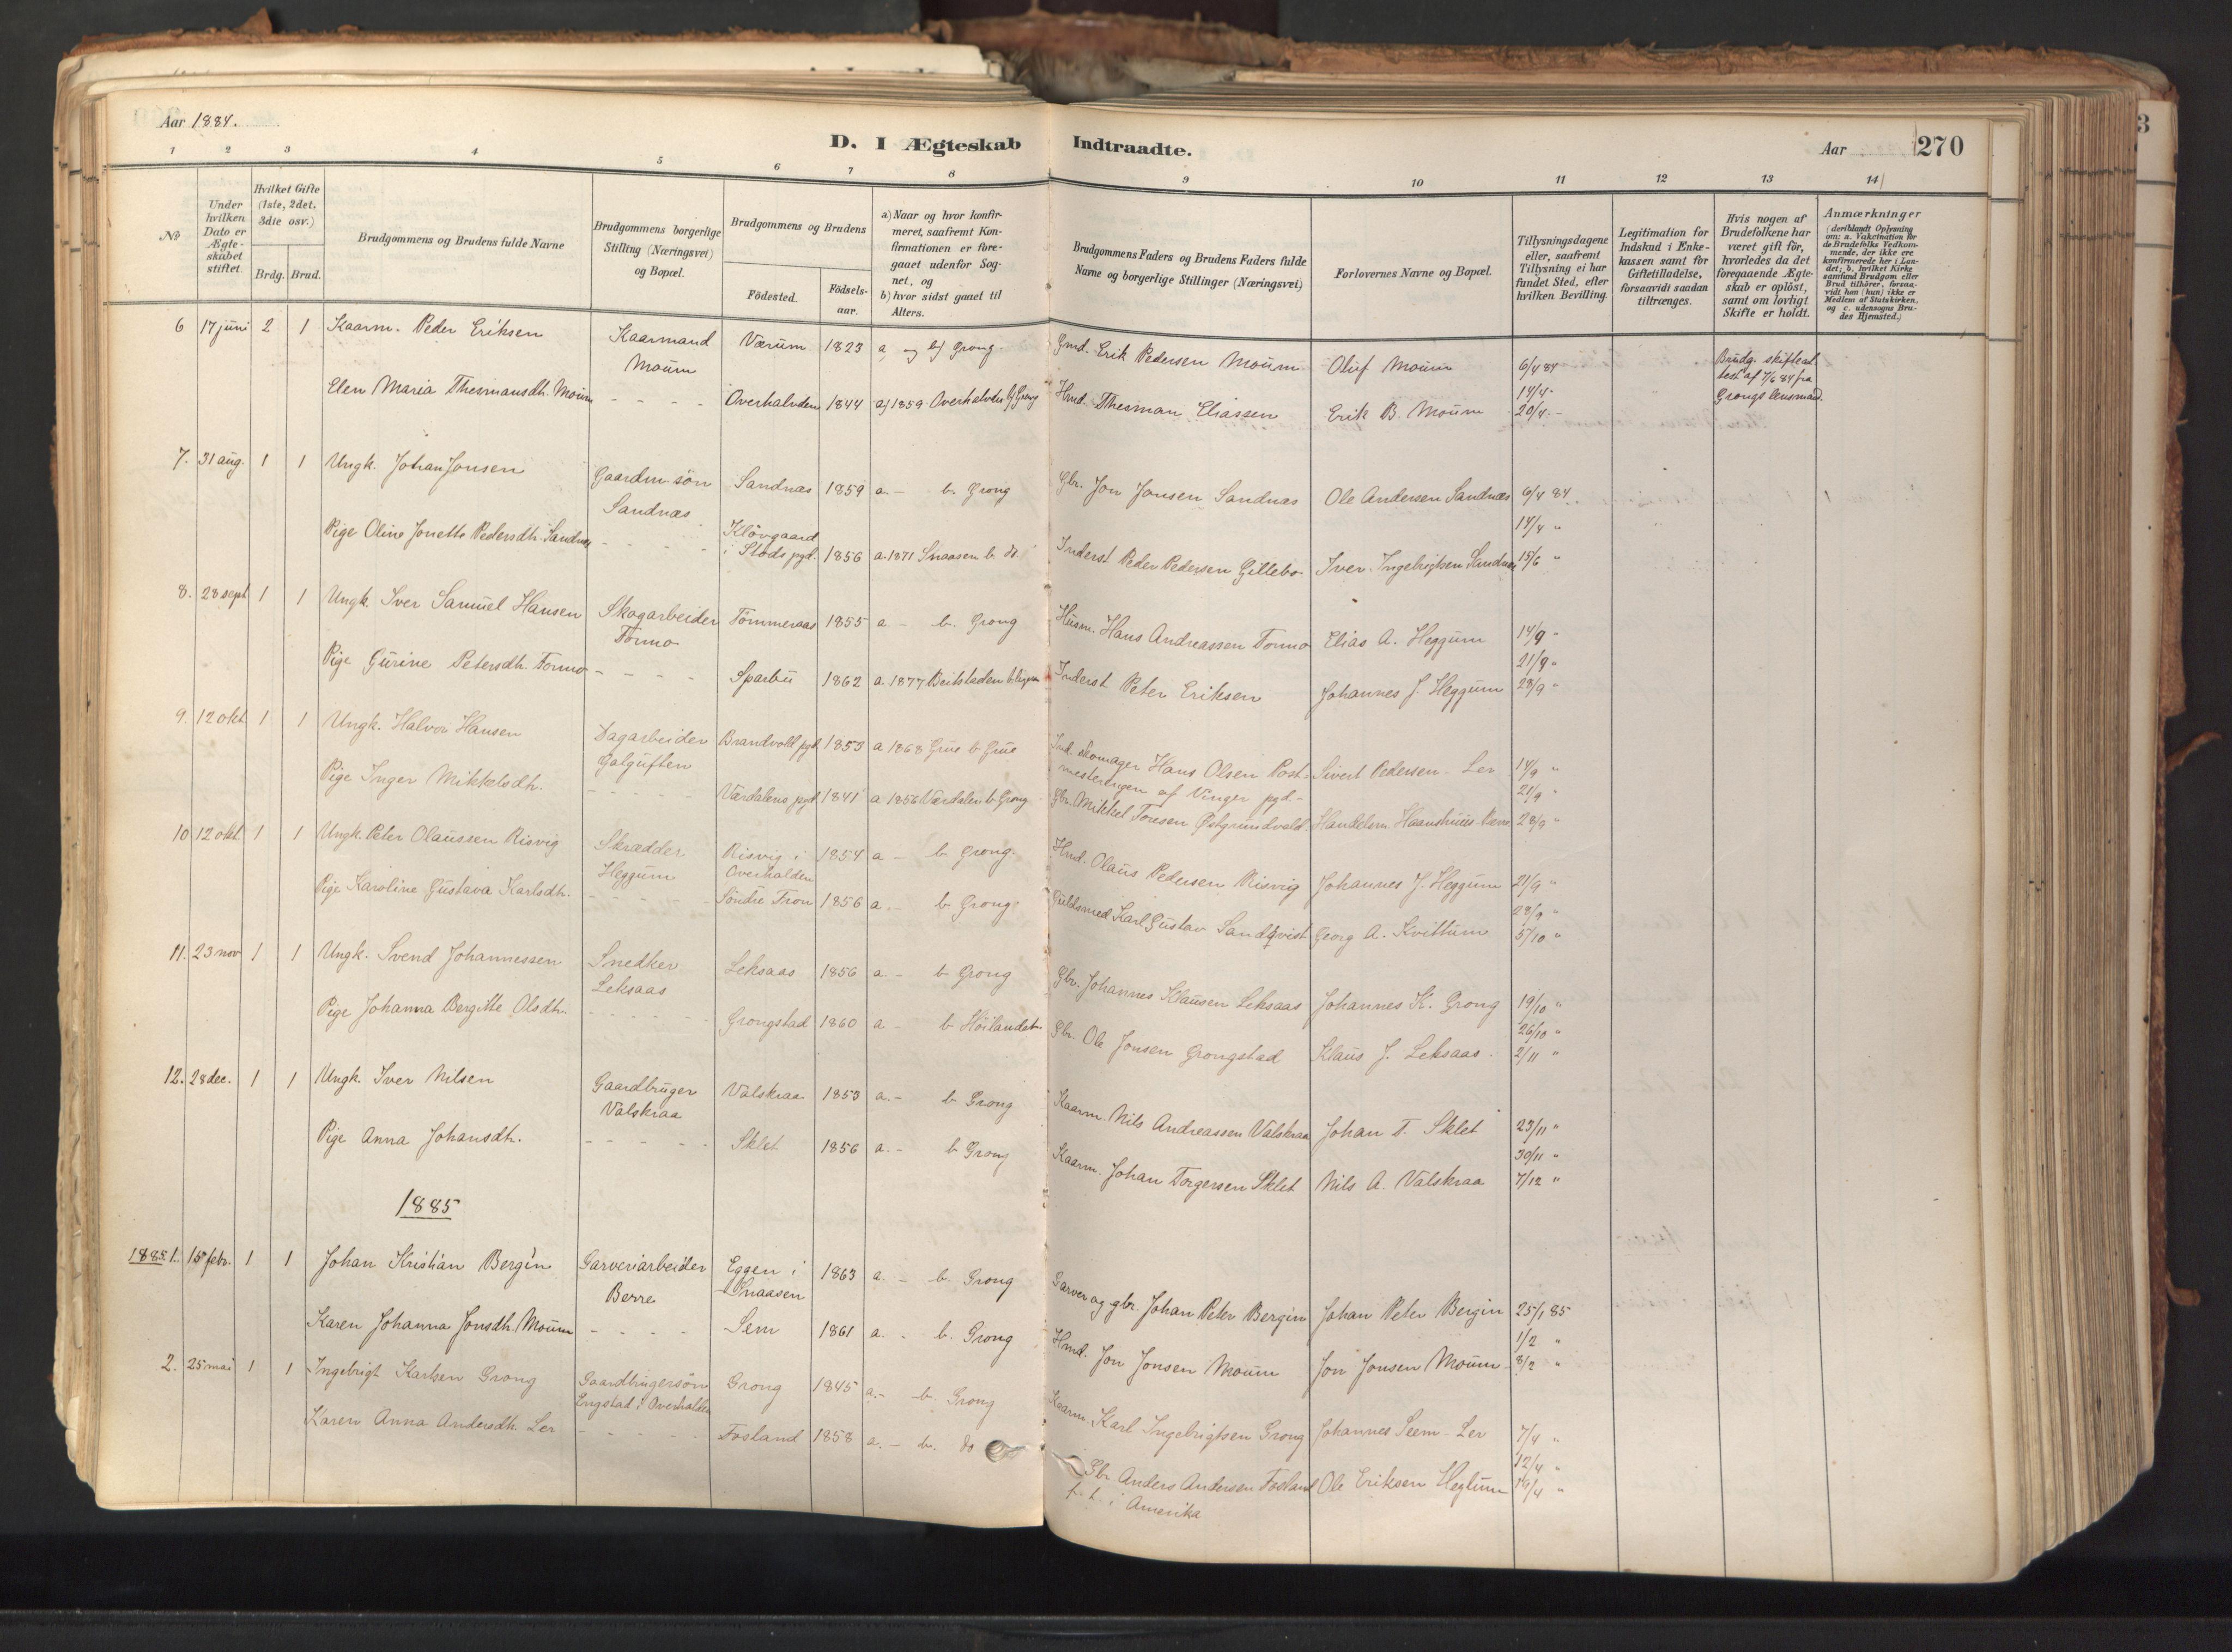 SAT, Ministerialprotokoller, klokkerbøker og fødselsregistre - Nord-Trøndelag, 758/L0519: Ministerialbok nr. 758A04, 1880-1926, s. 270